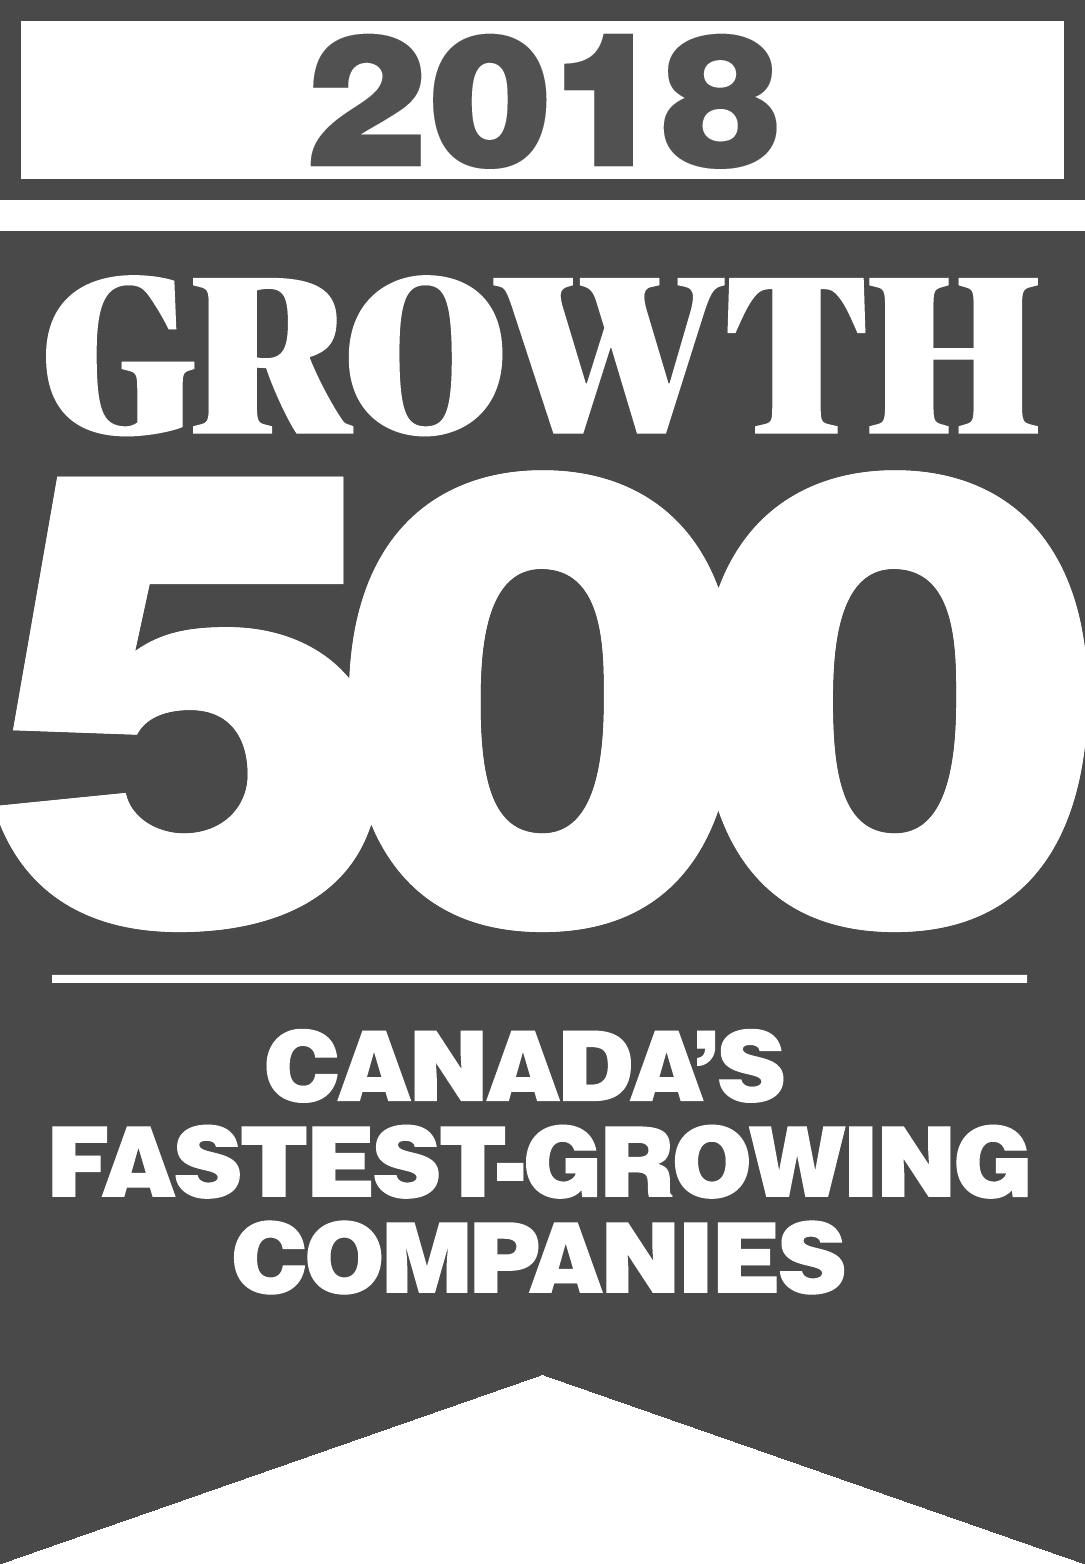 Growth-500-Logo-2018--bw